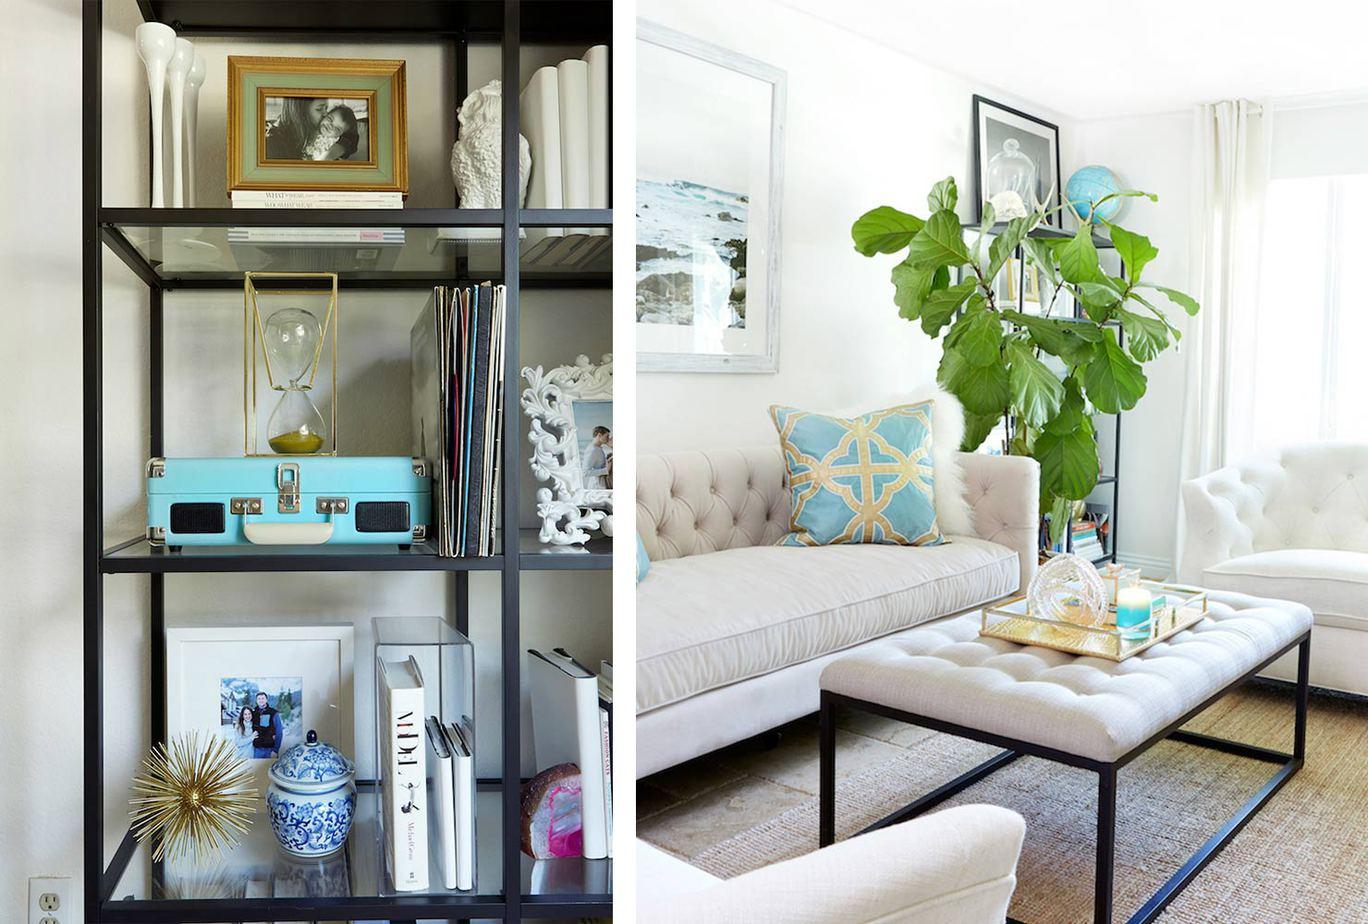 2. Add a tool bookshelf by simphome.com